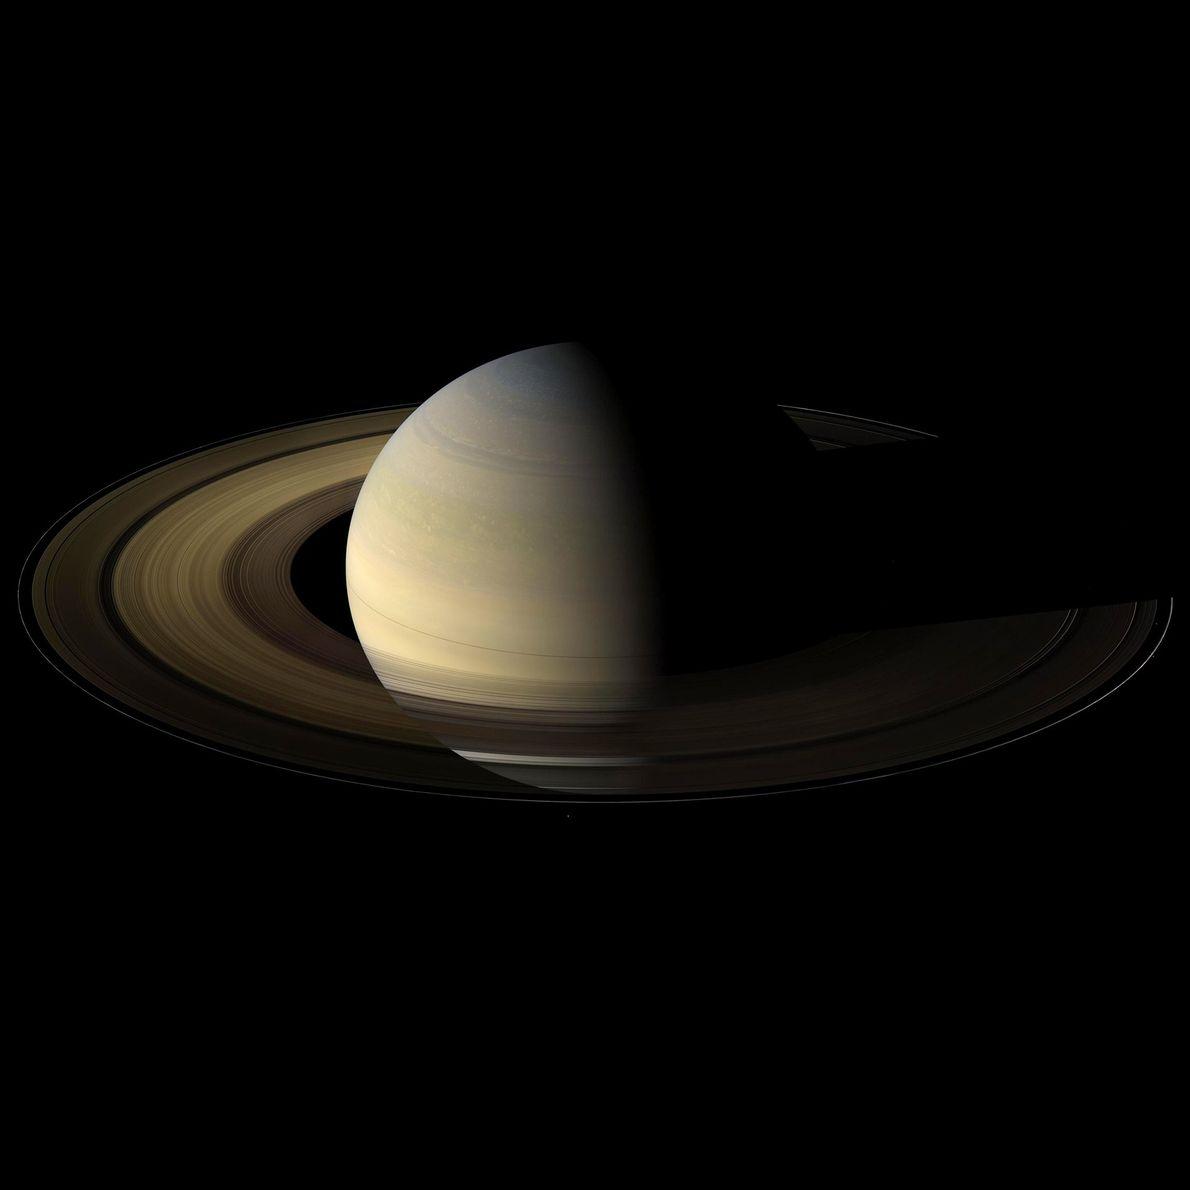 Saturno, por Cassini